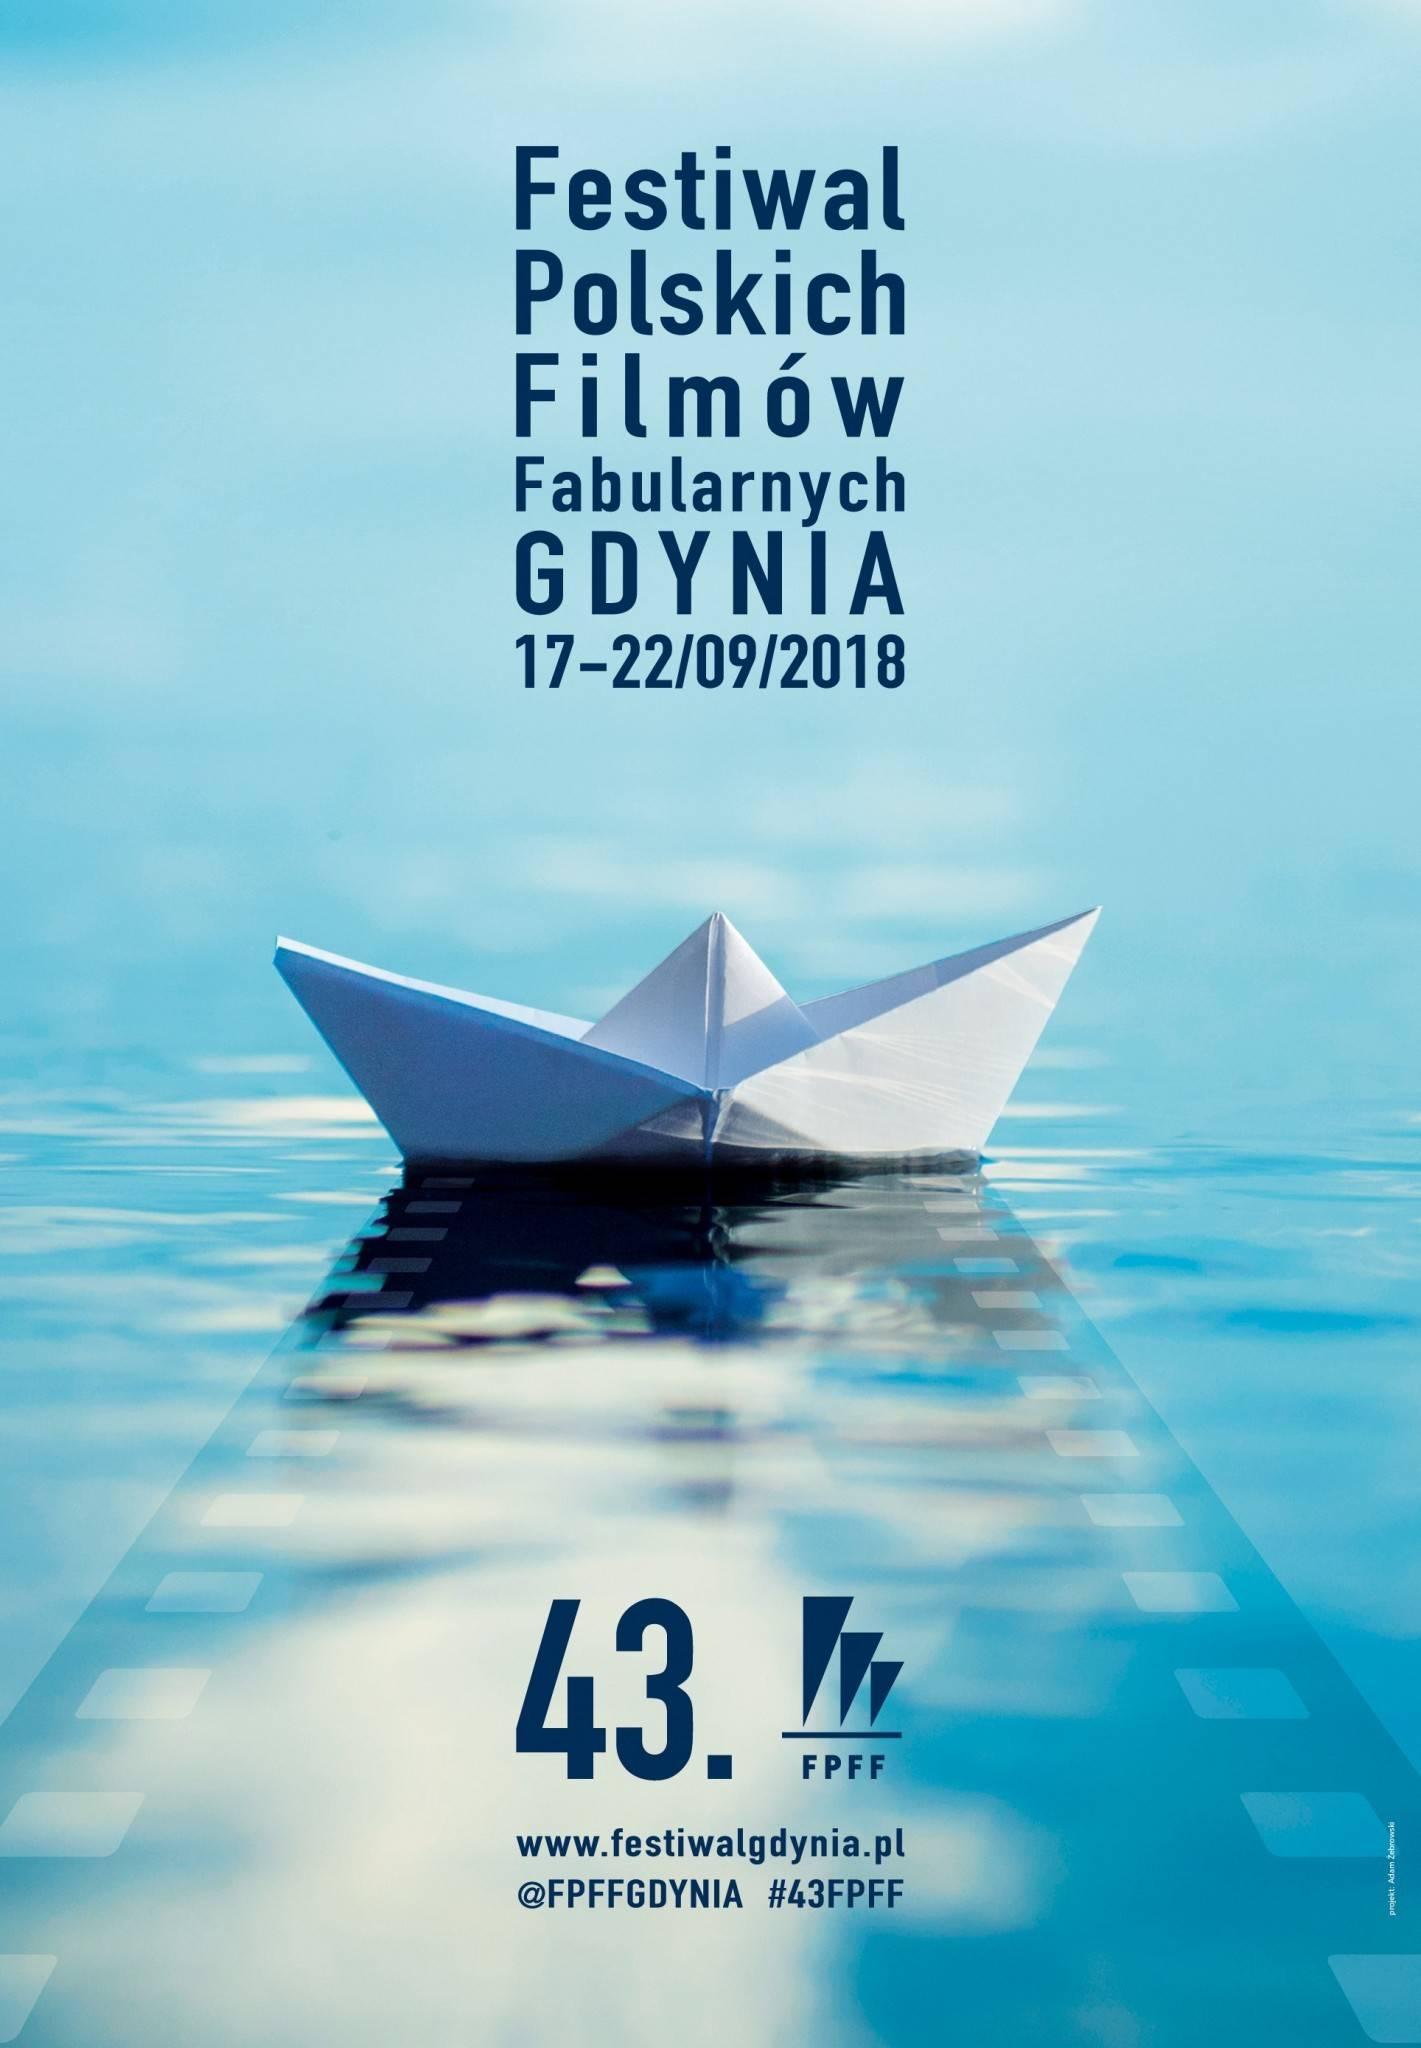 43. Festiwal Polski Filmów Fabularnych (źródło: materiały prasowe organizatora)